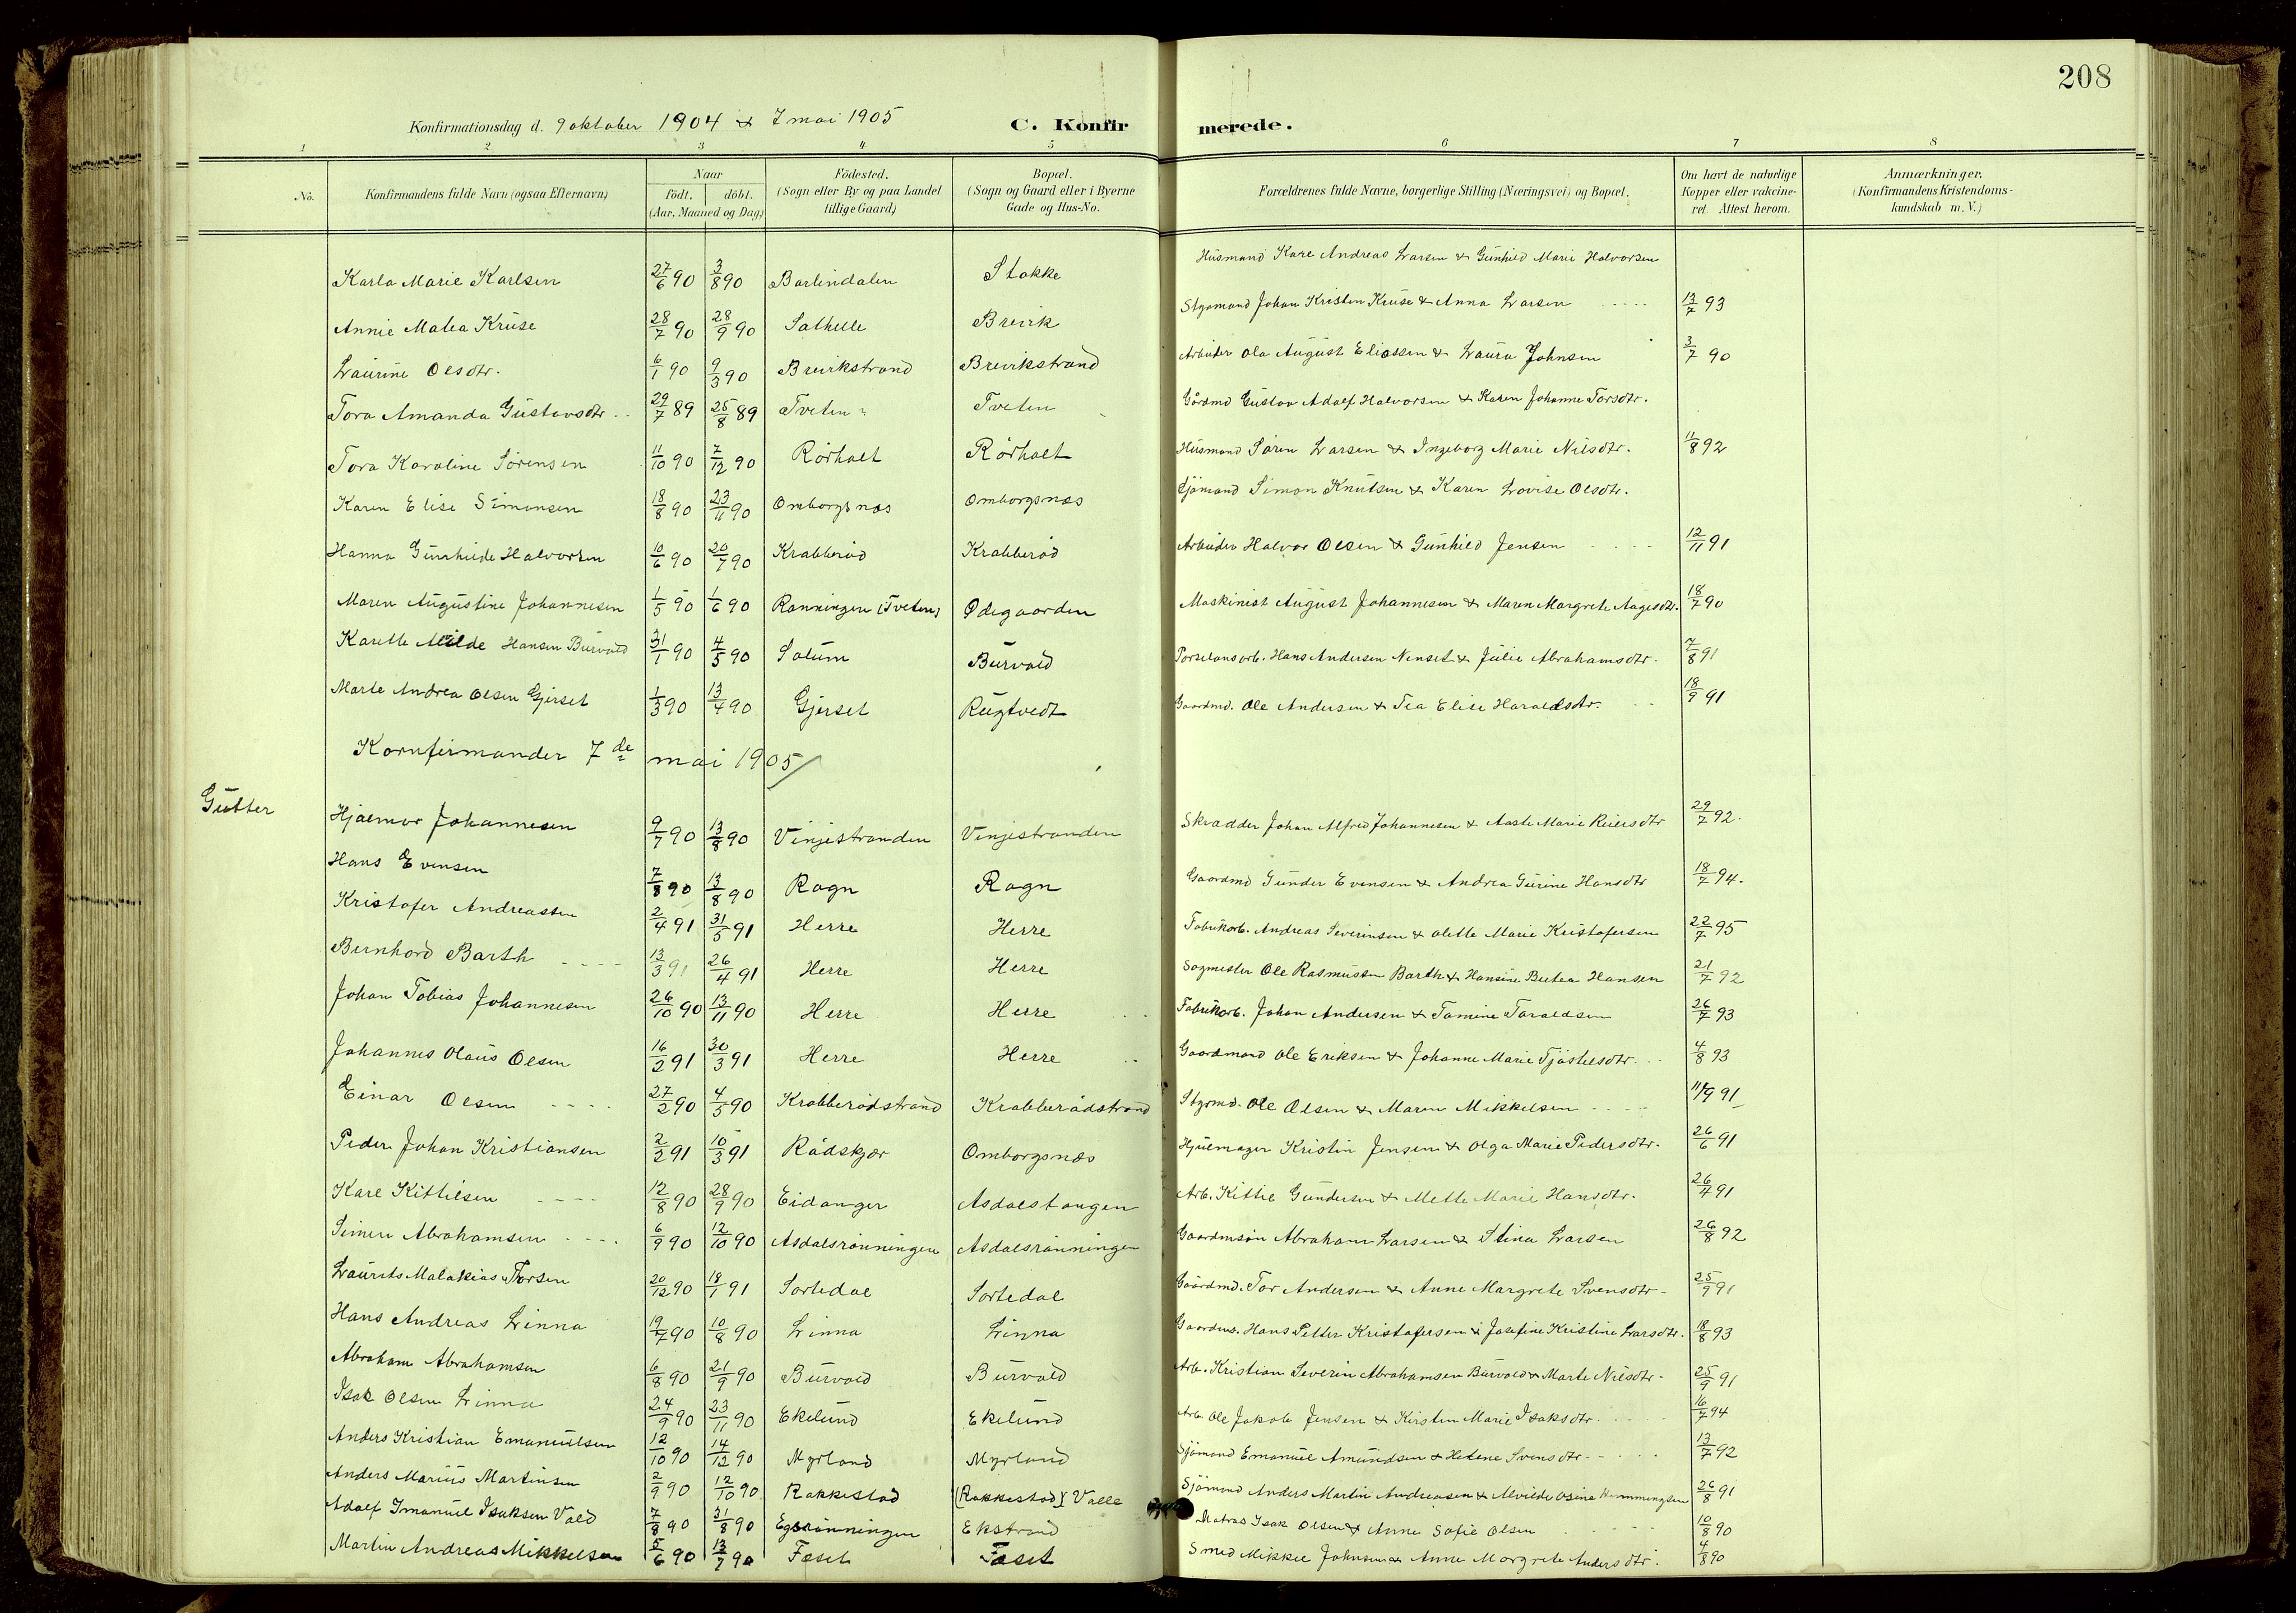 SAKO, Bamble kirkebøker, G/Ga/L0010: Klokkerbok nr. I 10, 1901-1919, s. 208